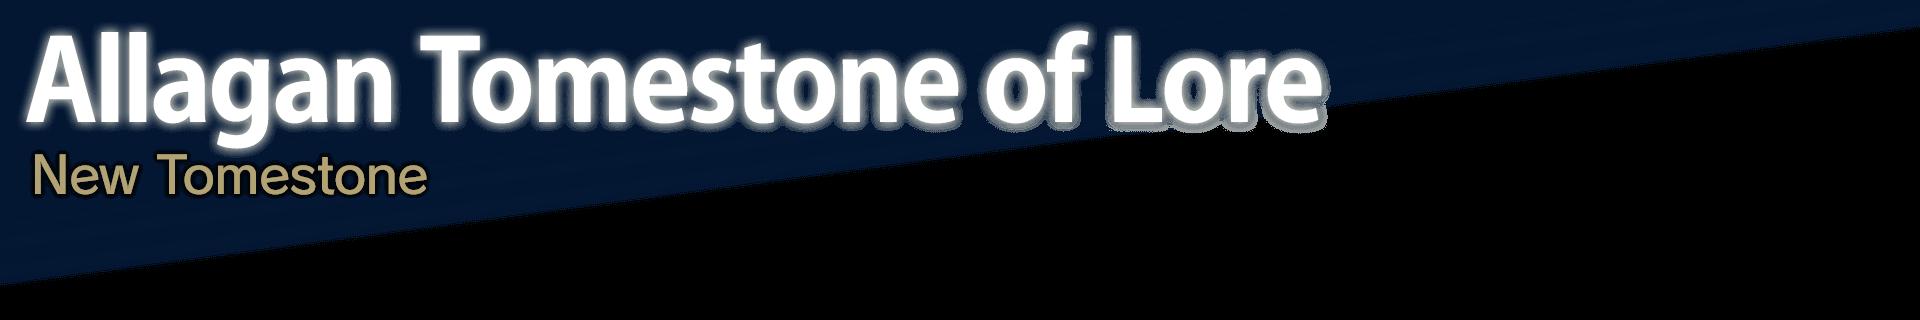 Allagan Tomestone of Lore